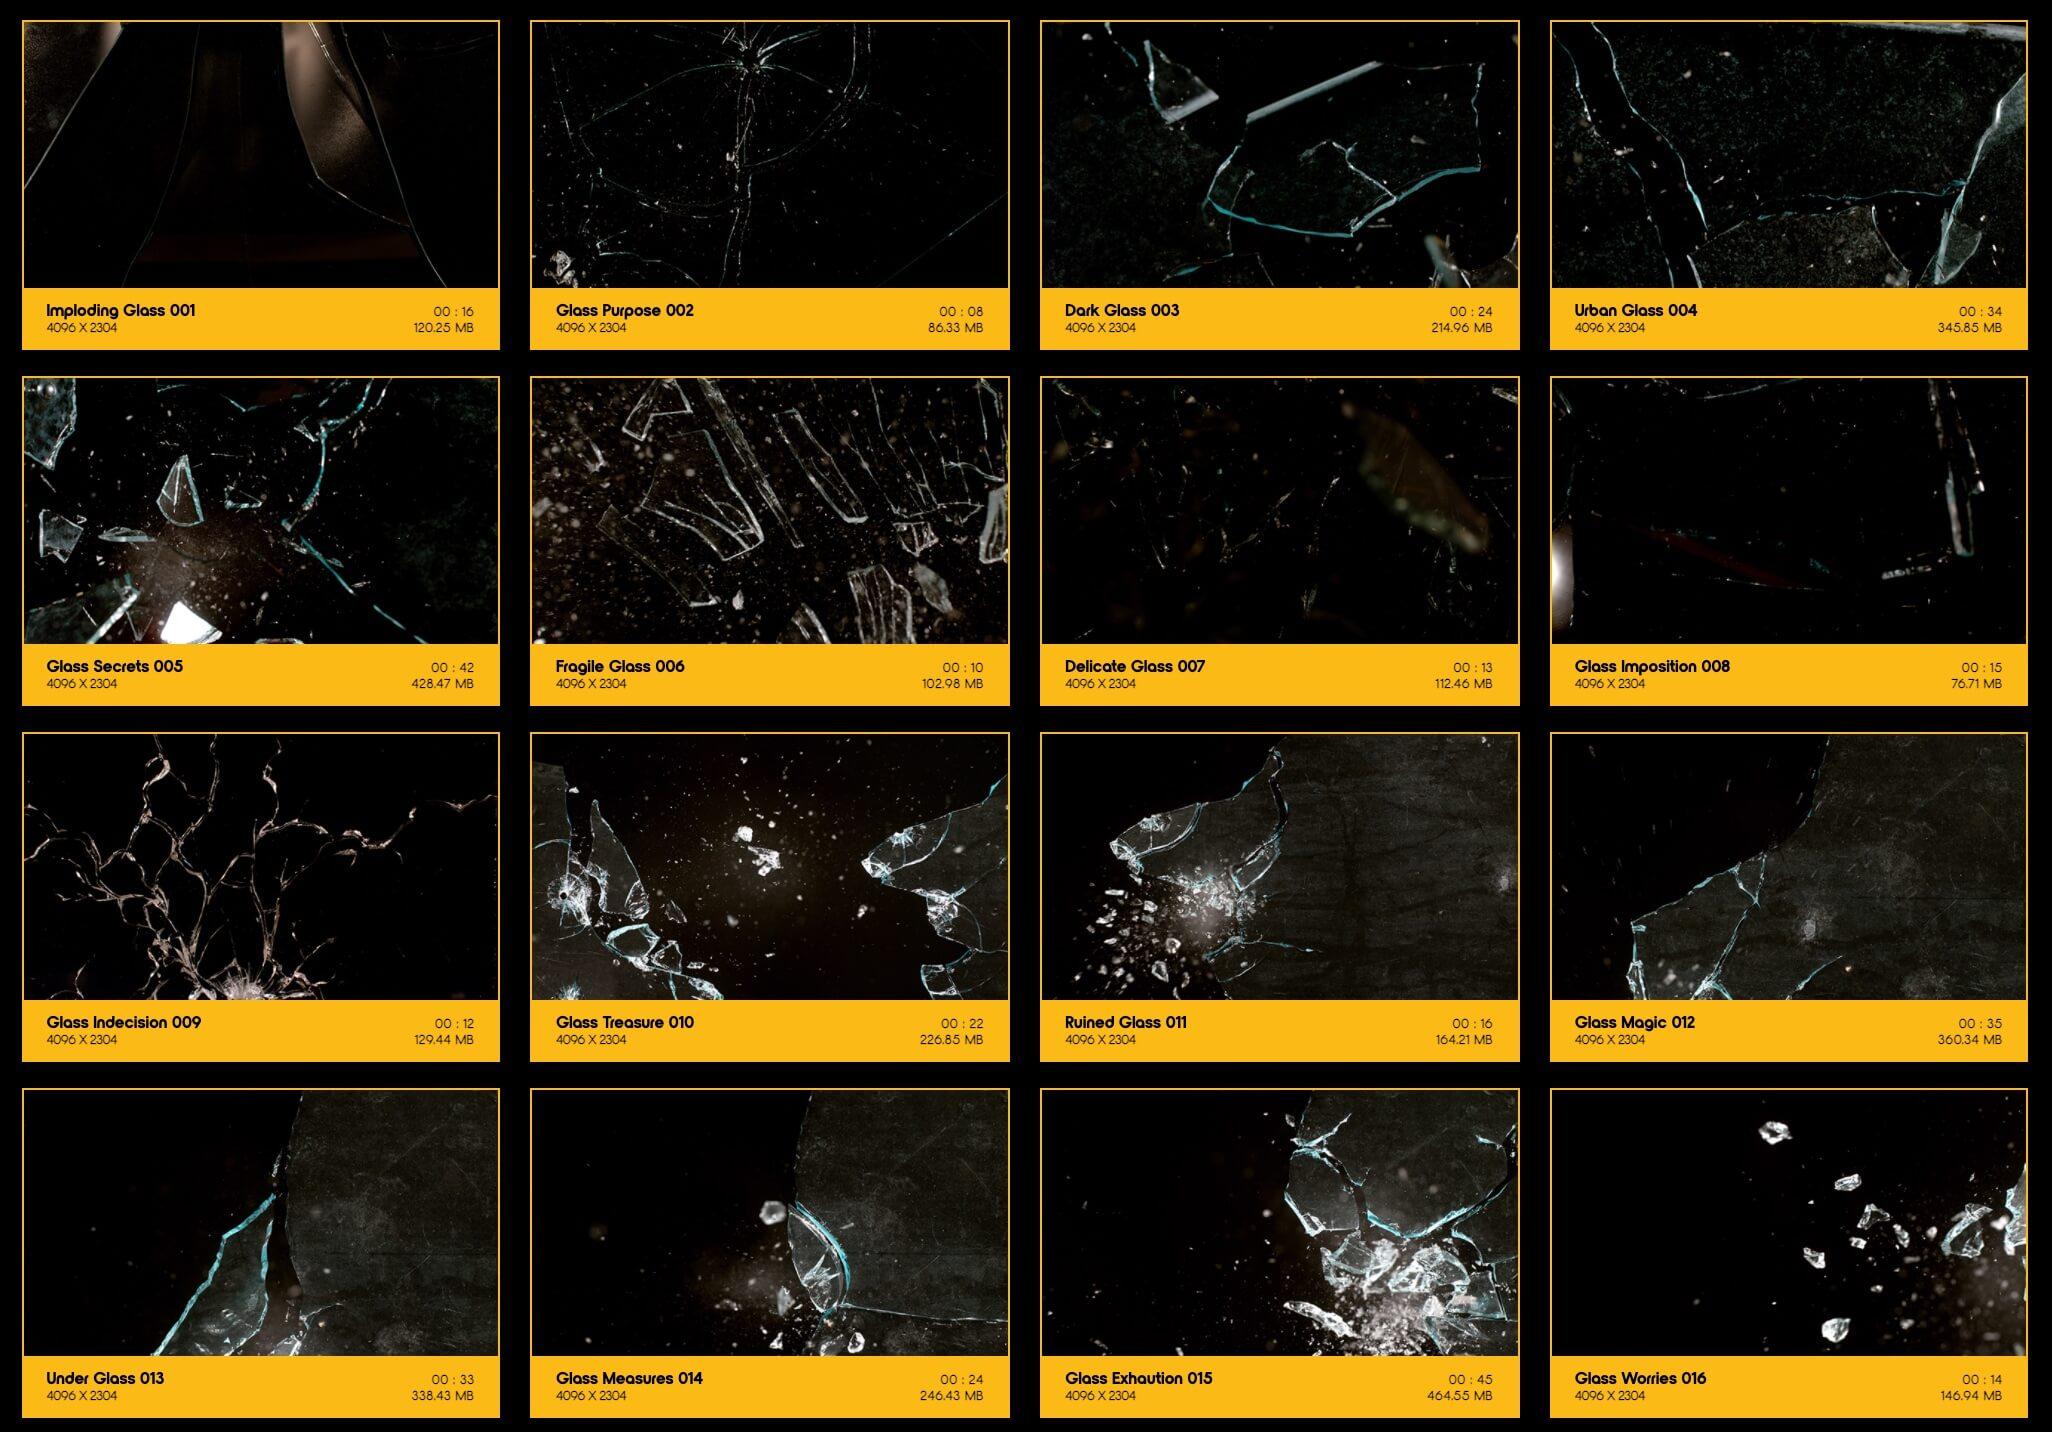 视频素材 184个4K玻璃撞击炸裂破碎动画 特效合成素材 Glass Breaks BBV13